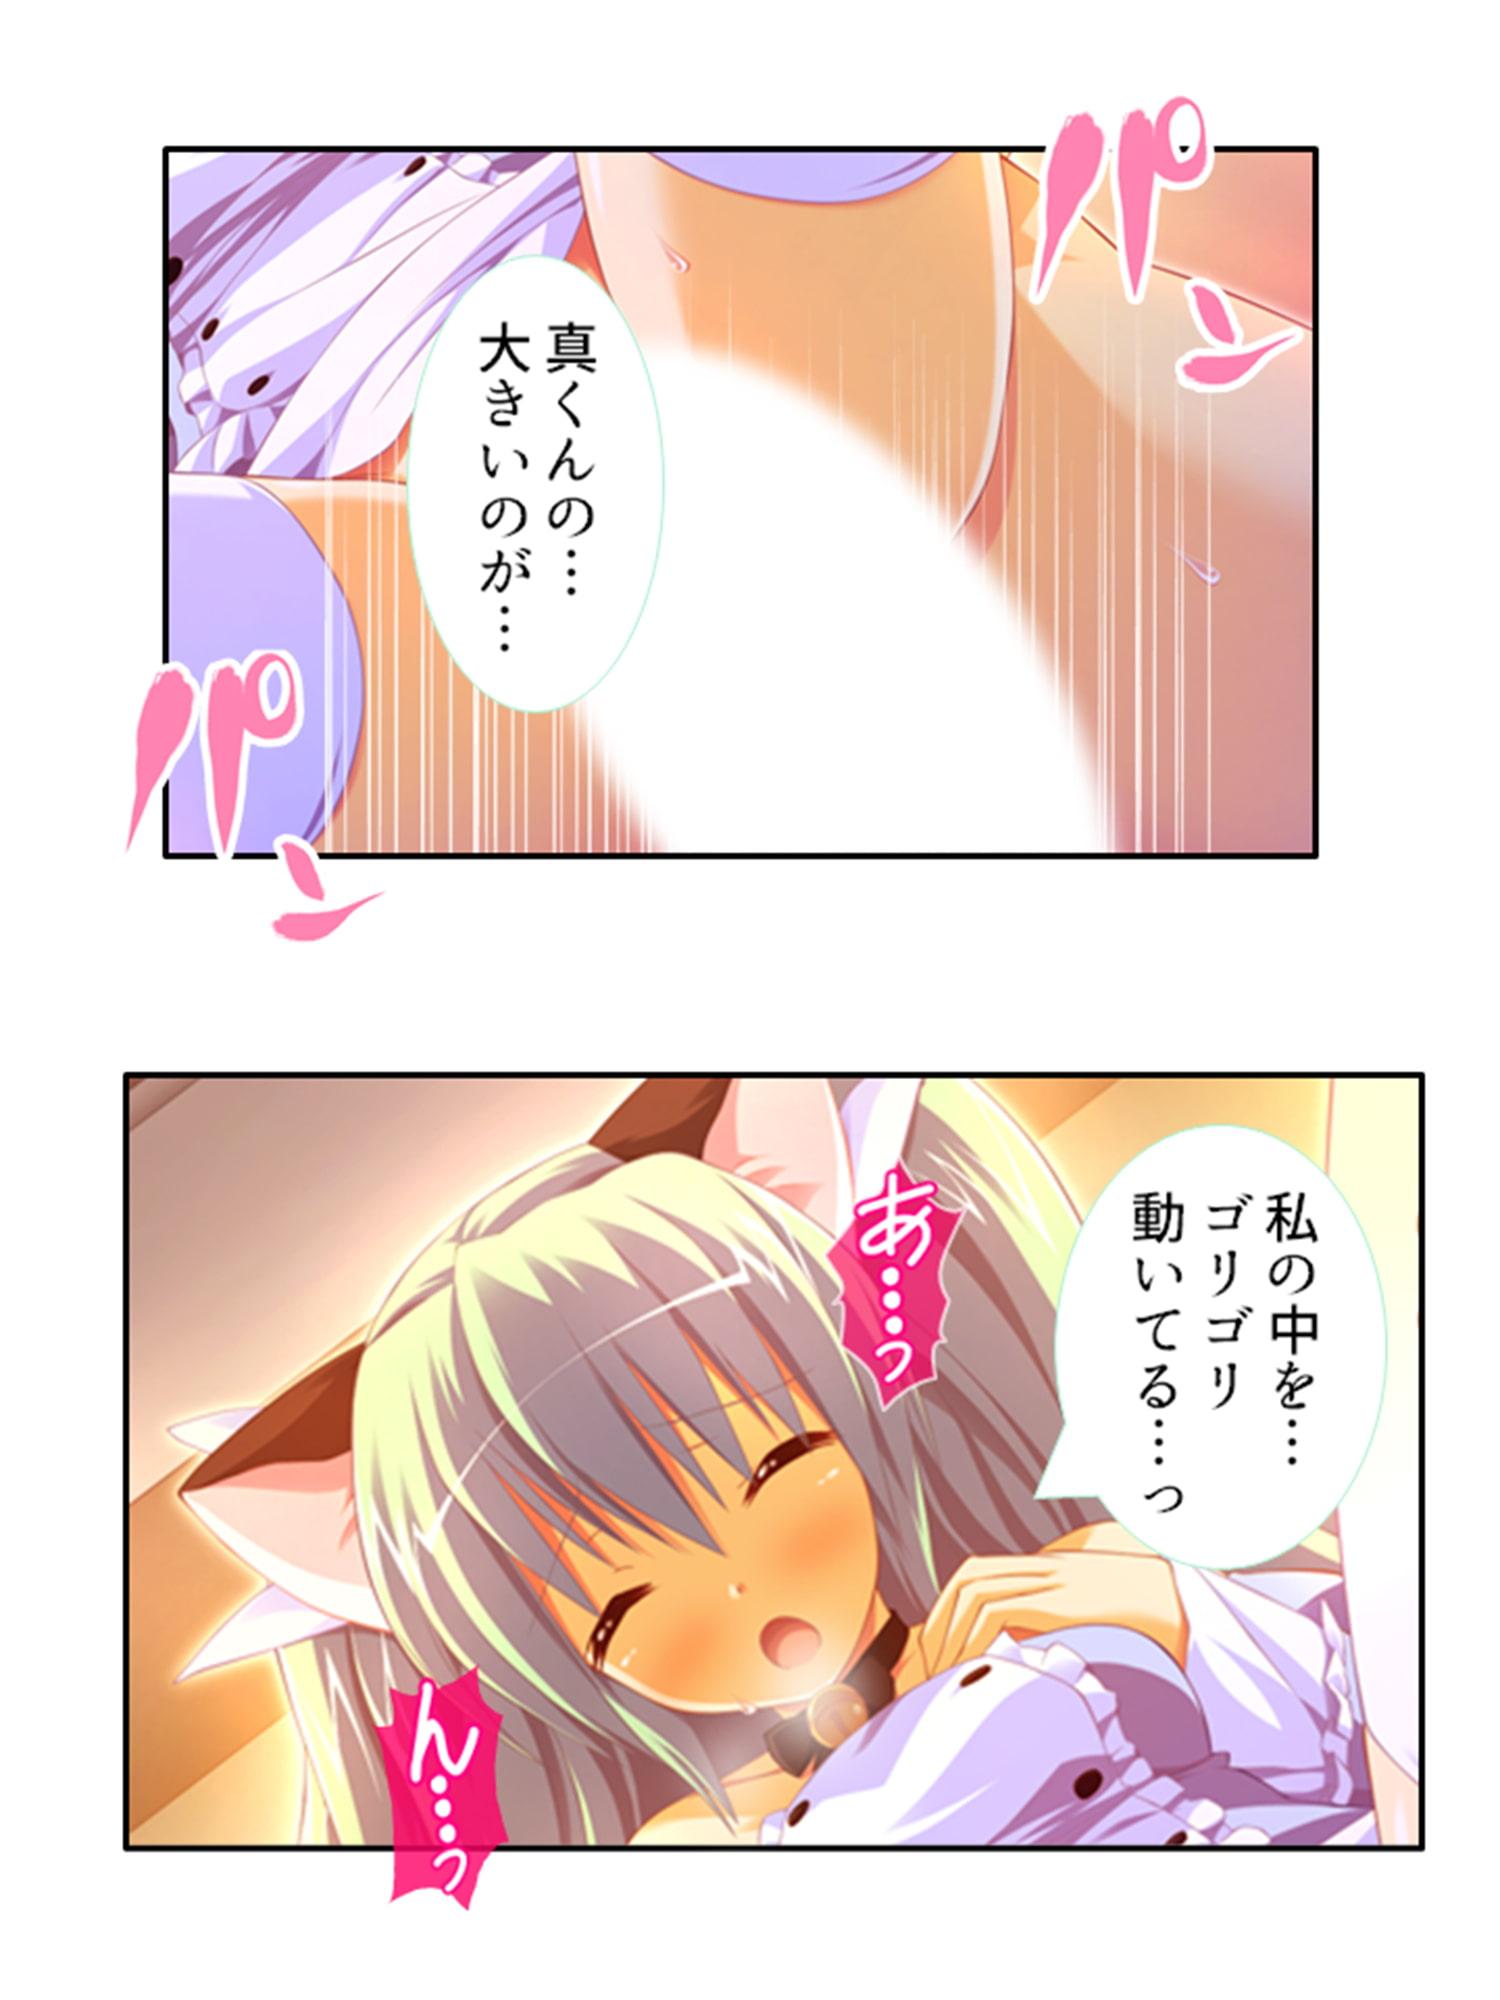 RJ325011 常に密着女子寮生活お風呂もベッドもその後も…… 3巻 [20210501]